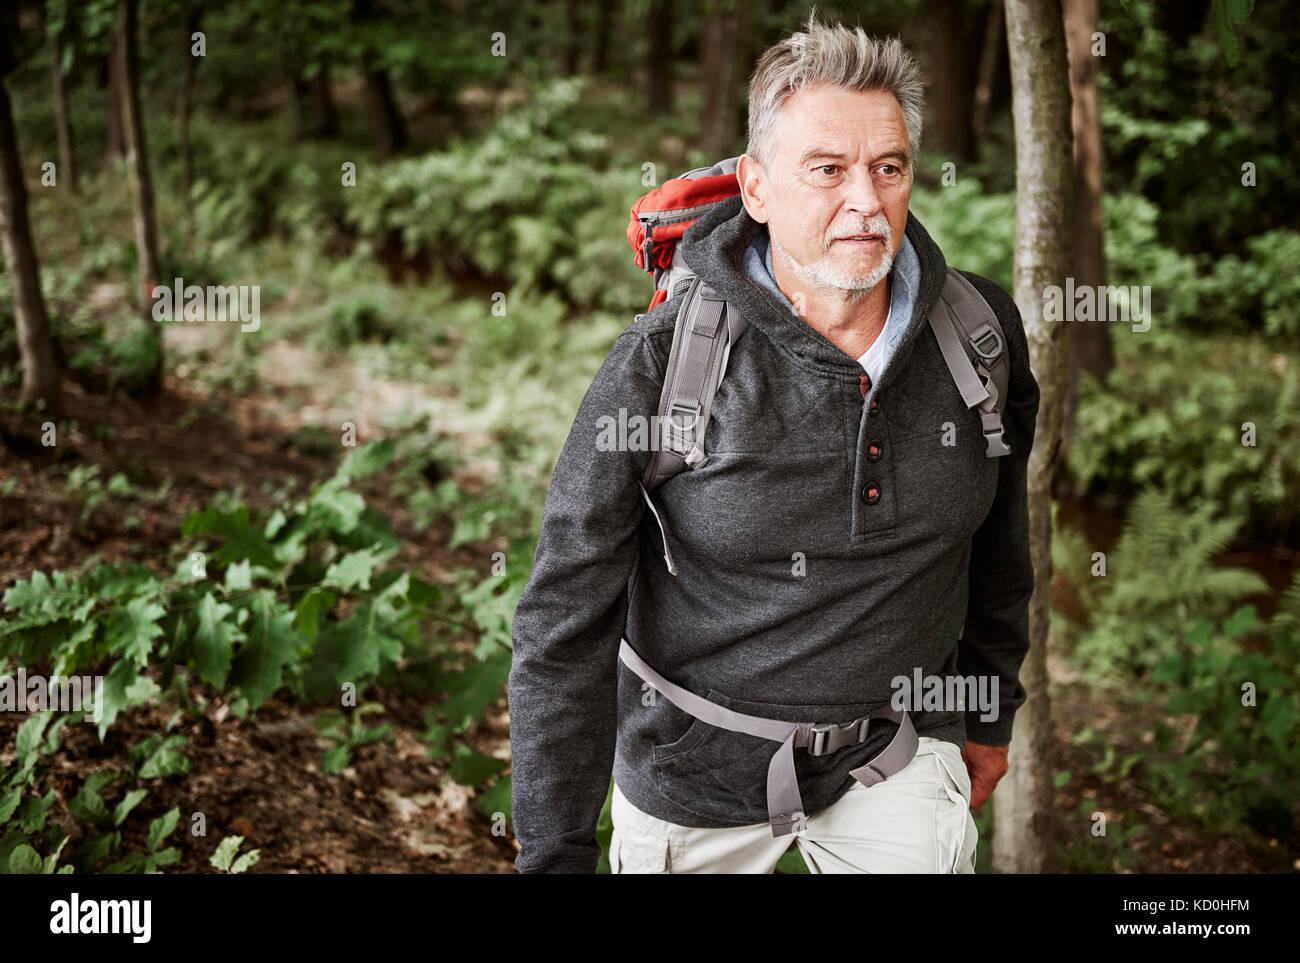 Senior escursionismo uomo attraverso la foresta Immagini Stock